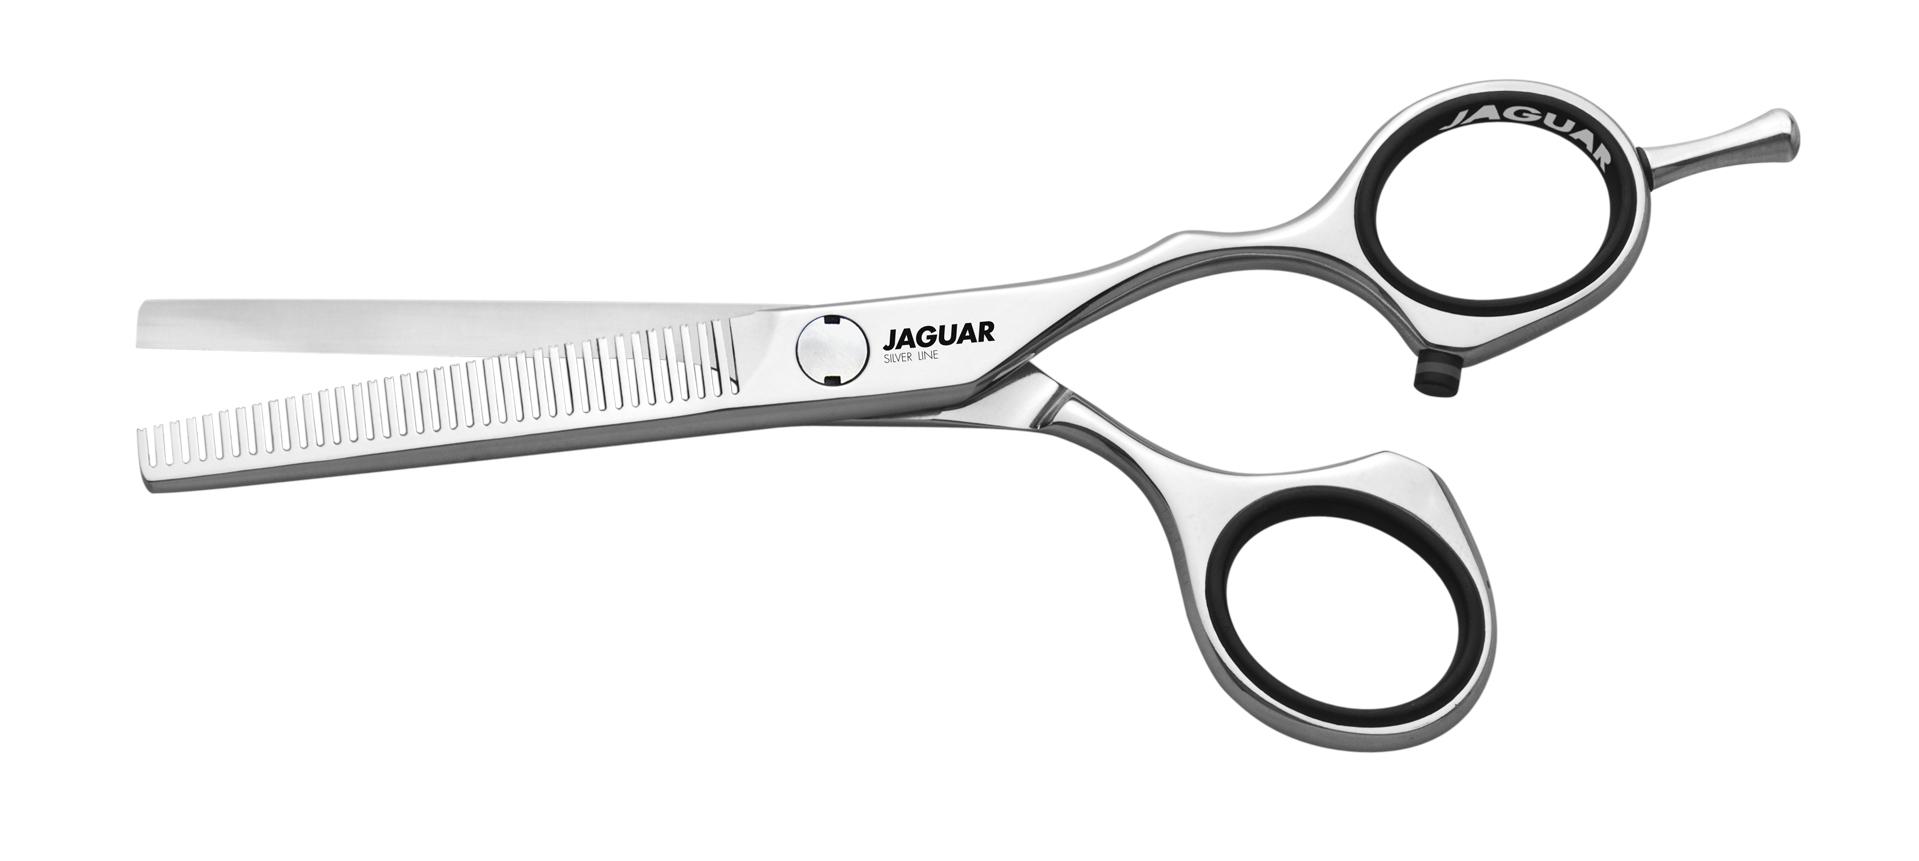 JAGUAR Ножницы A CM 36 фил. 5.25' *** jaguar ножницы a cm 46 фил 6 5